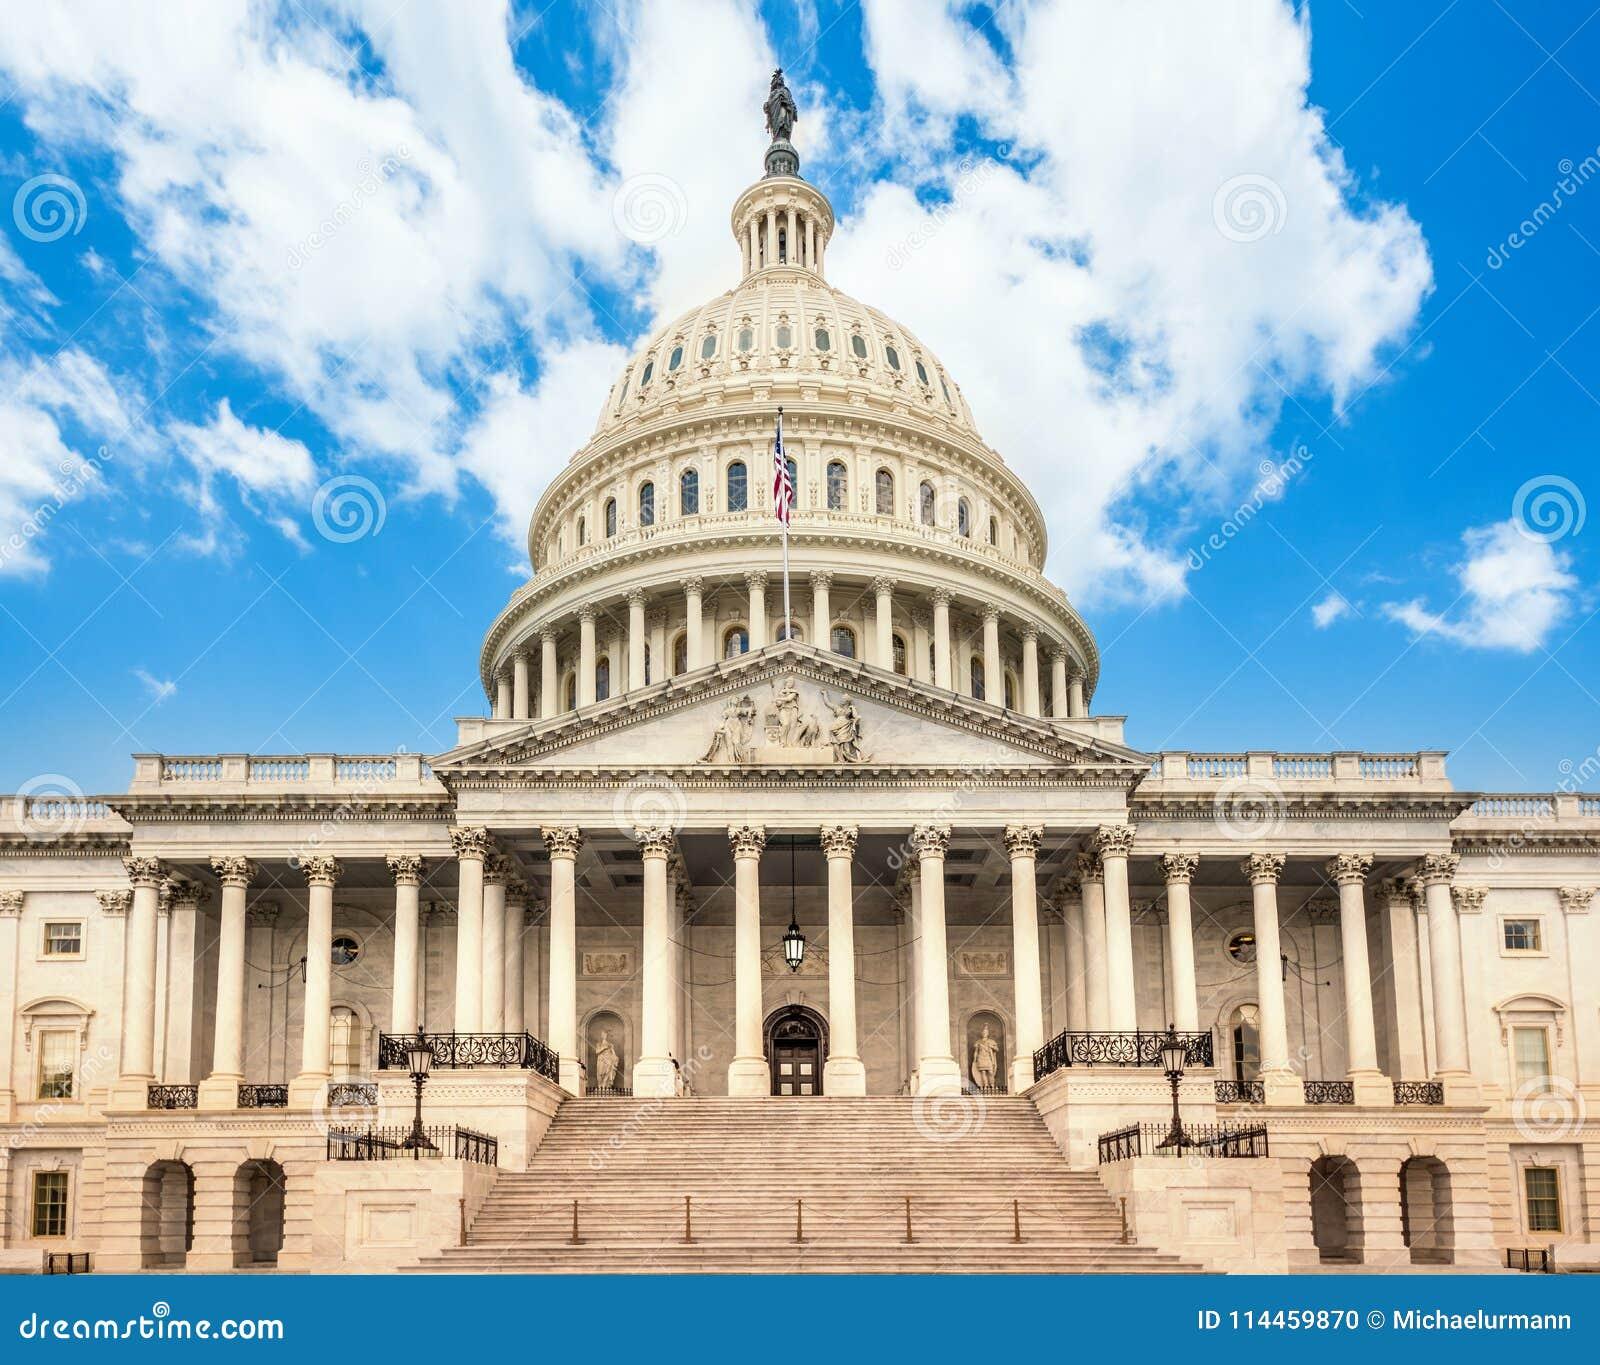 Förenta staternaKapitoliumbyggnad i Washington DC - östlig fasad av den berömda USA-gränsmärket